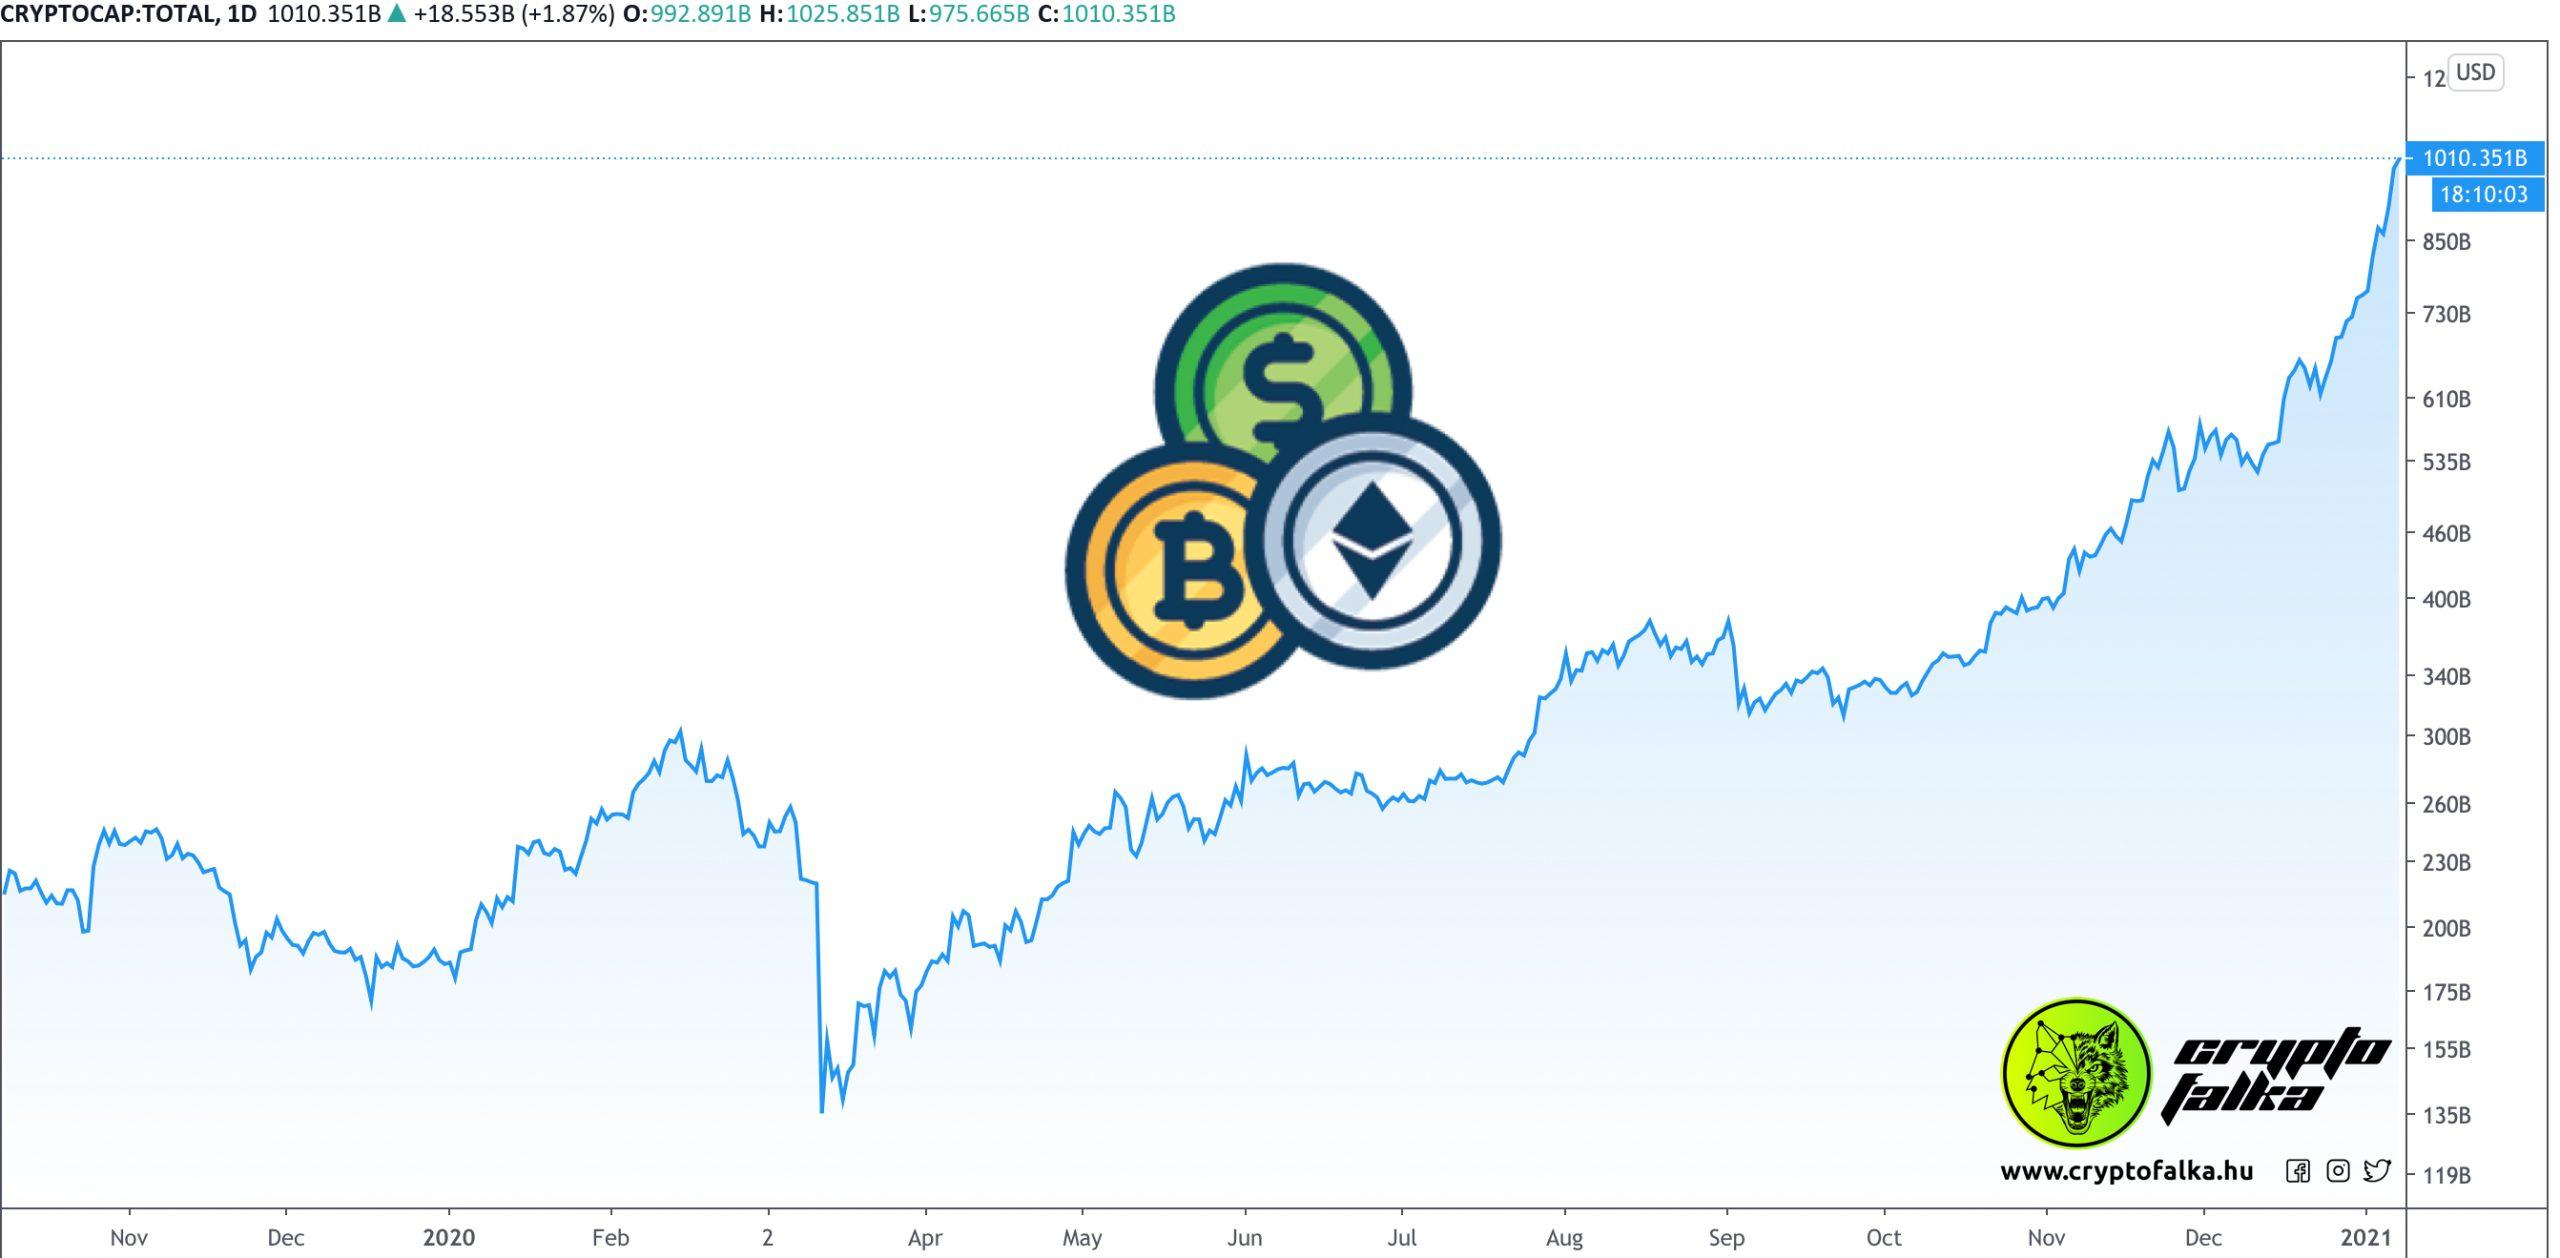 Kriptovaluták összértéke 1 billió dollár I Cryptofalka